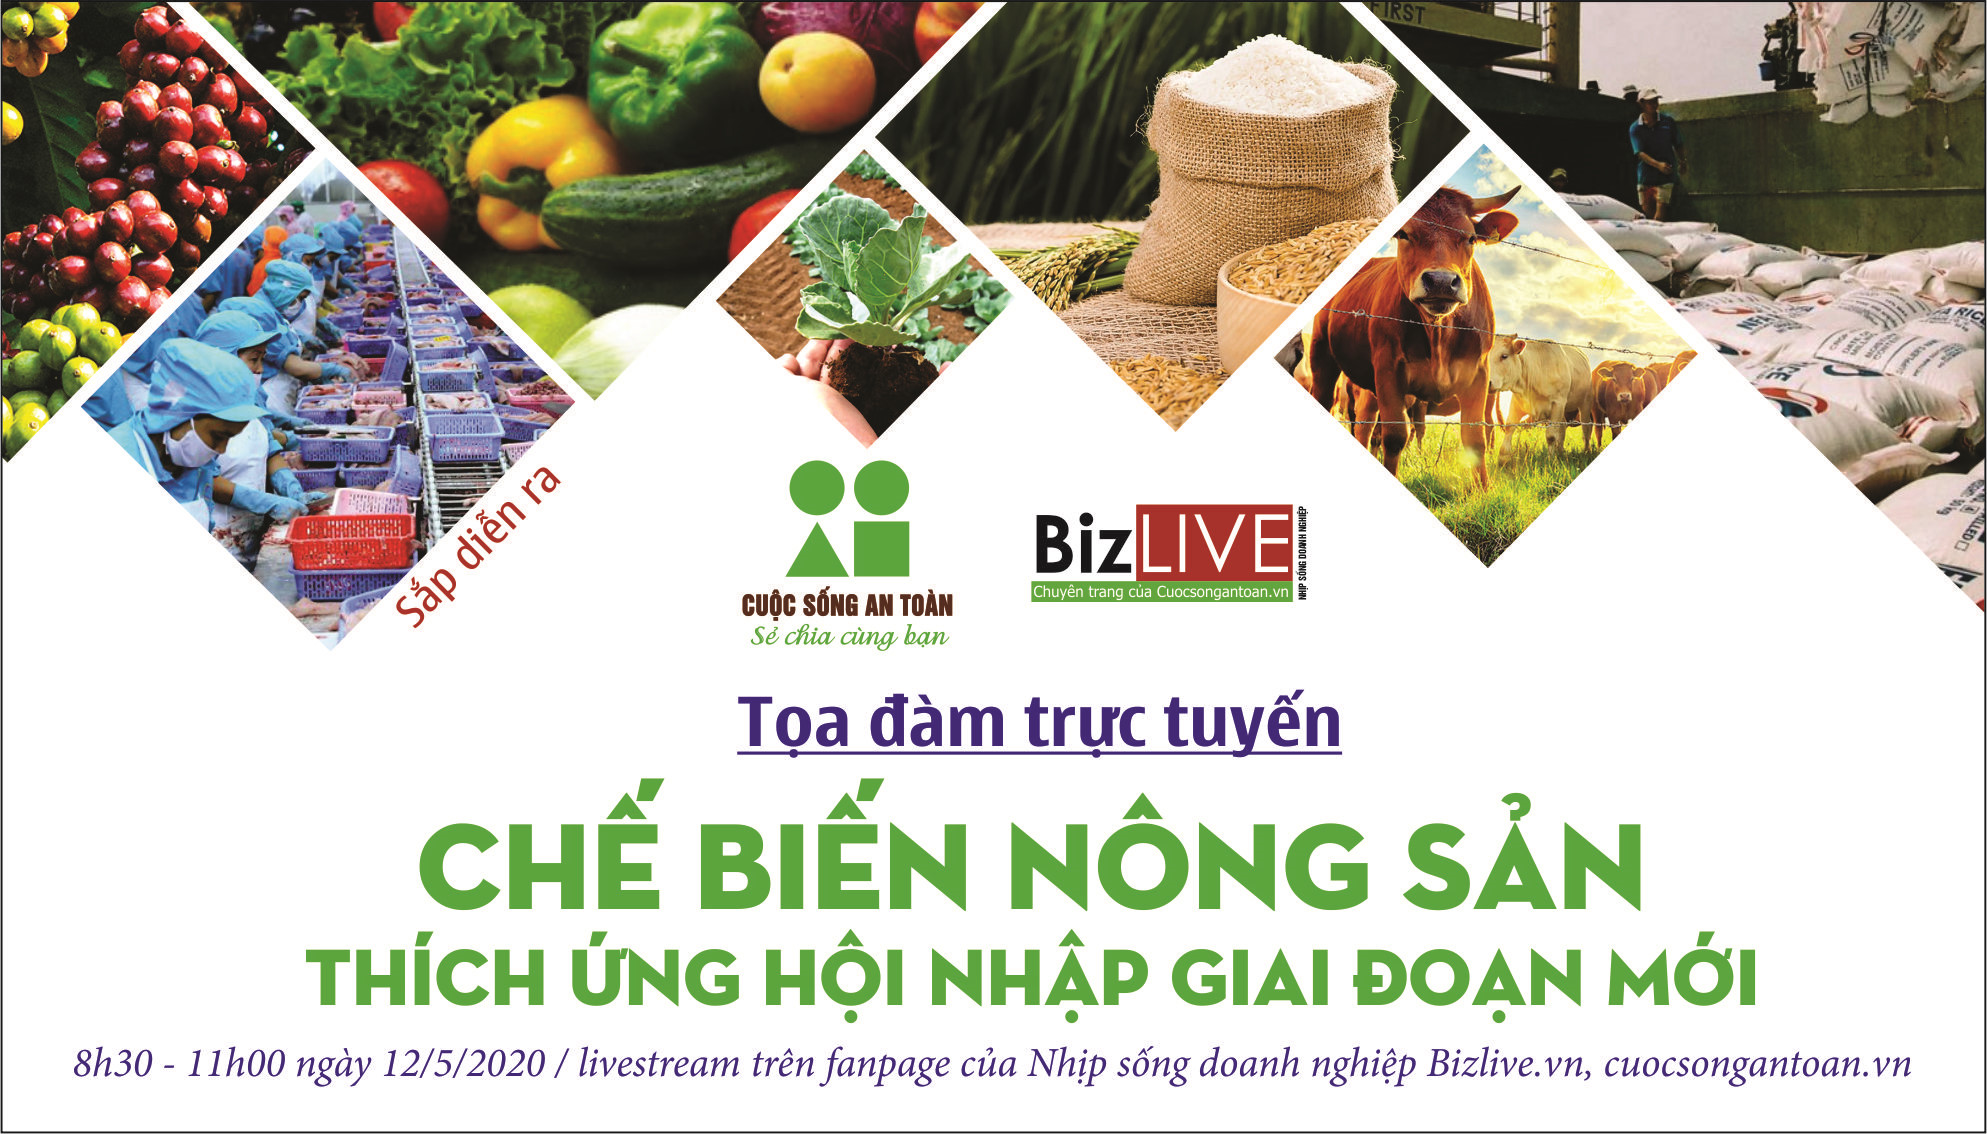 """Sắp diễn ra Tọa đàm trực tuyến """"Chế biến nông sản thích ứng hội nhập giai đoạn mới"""""""